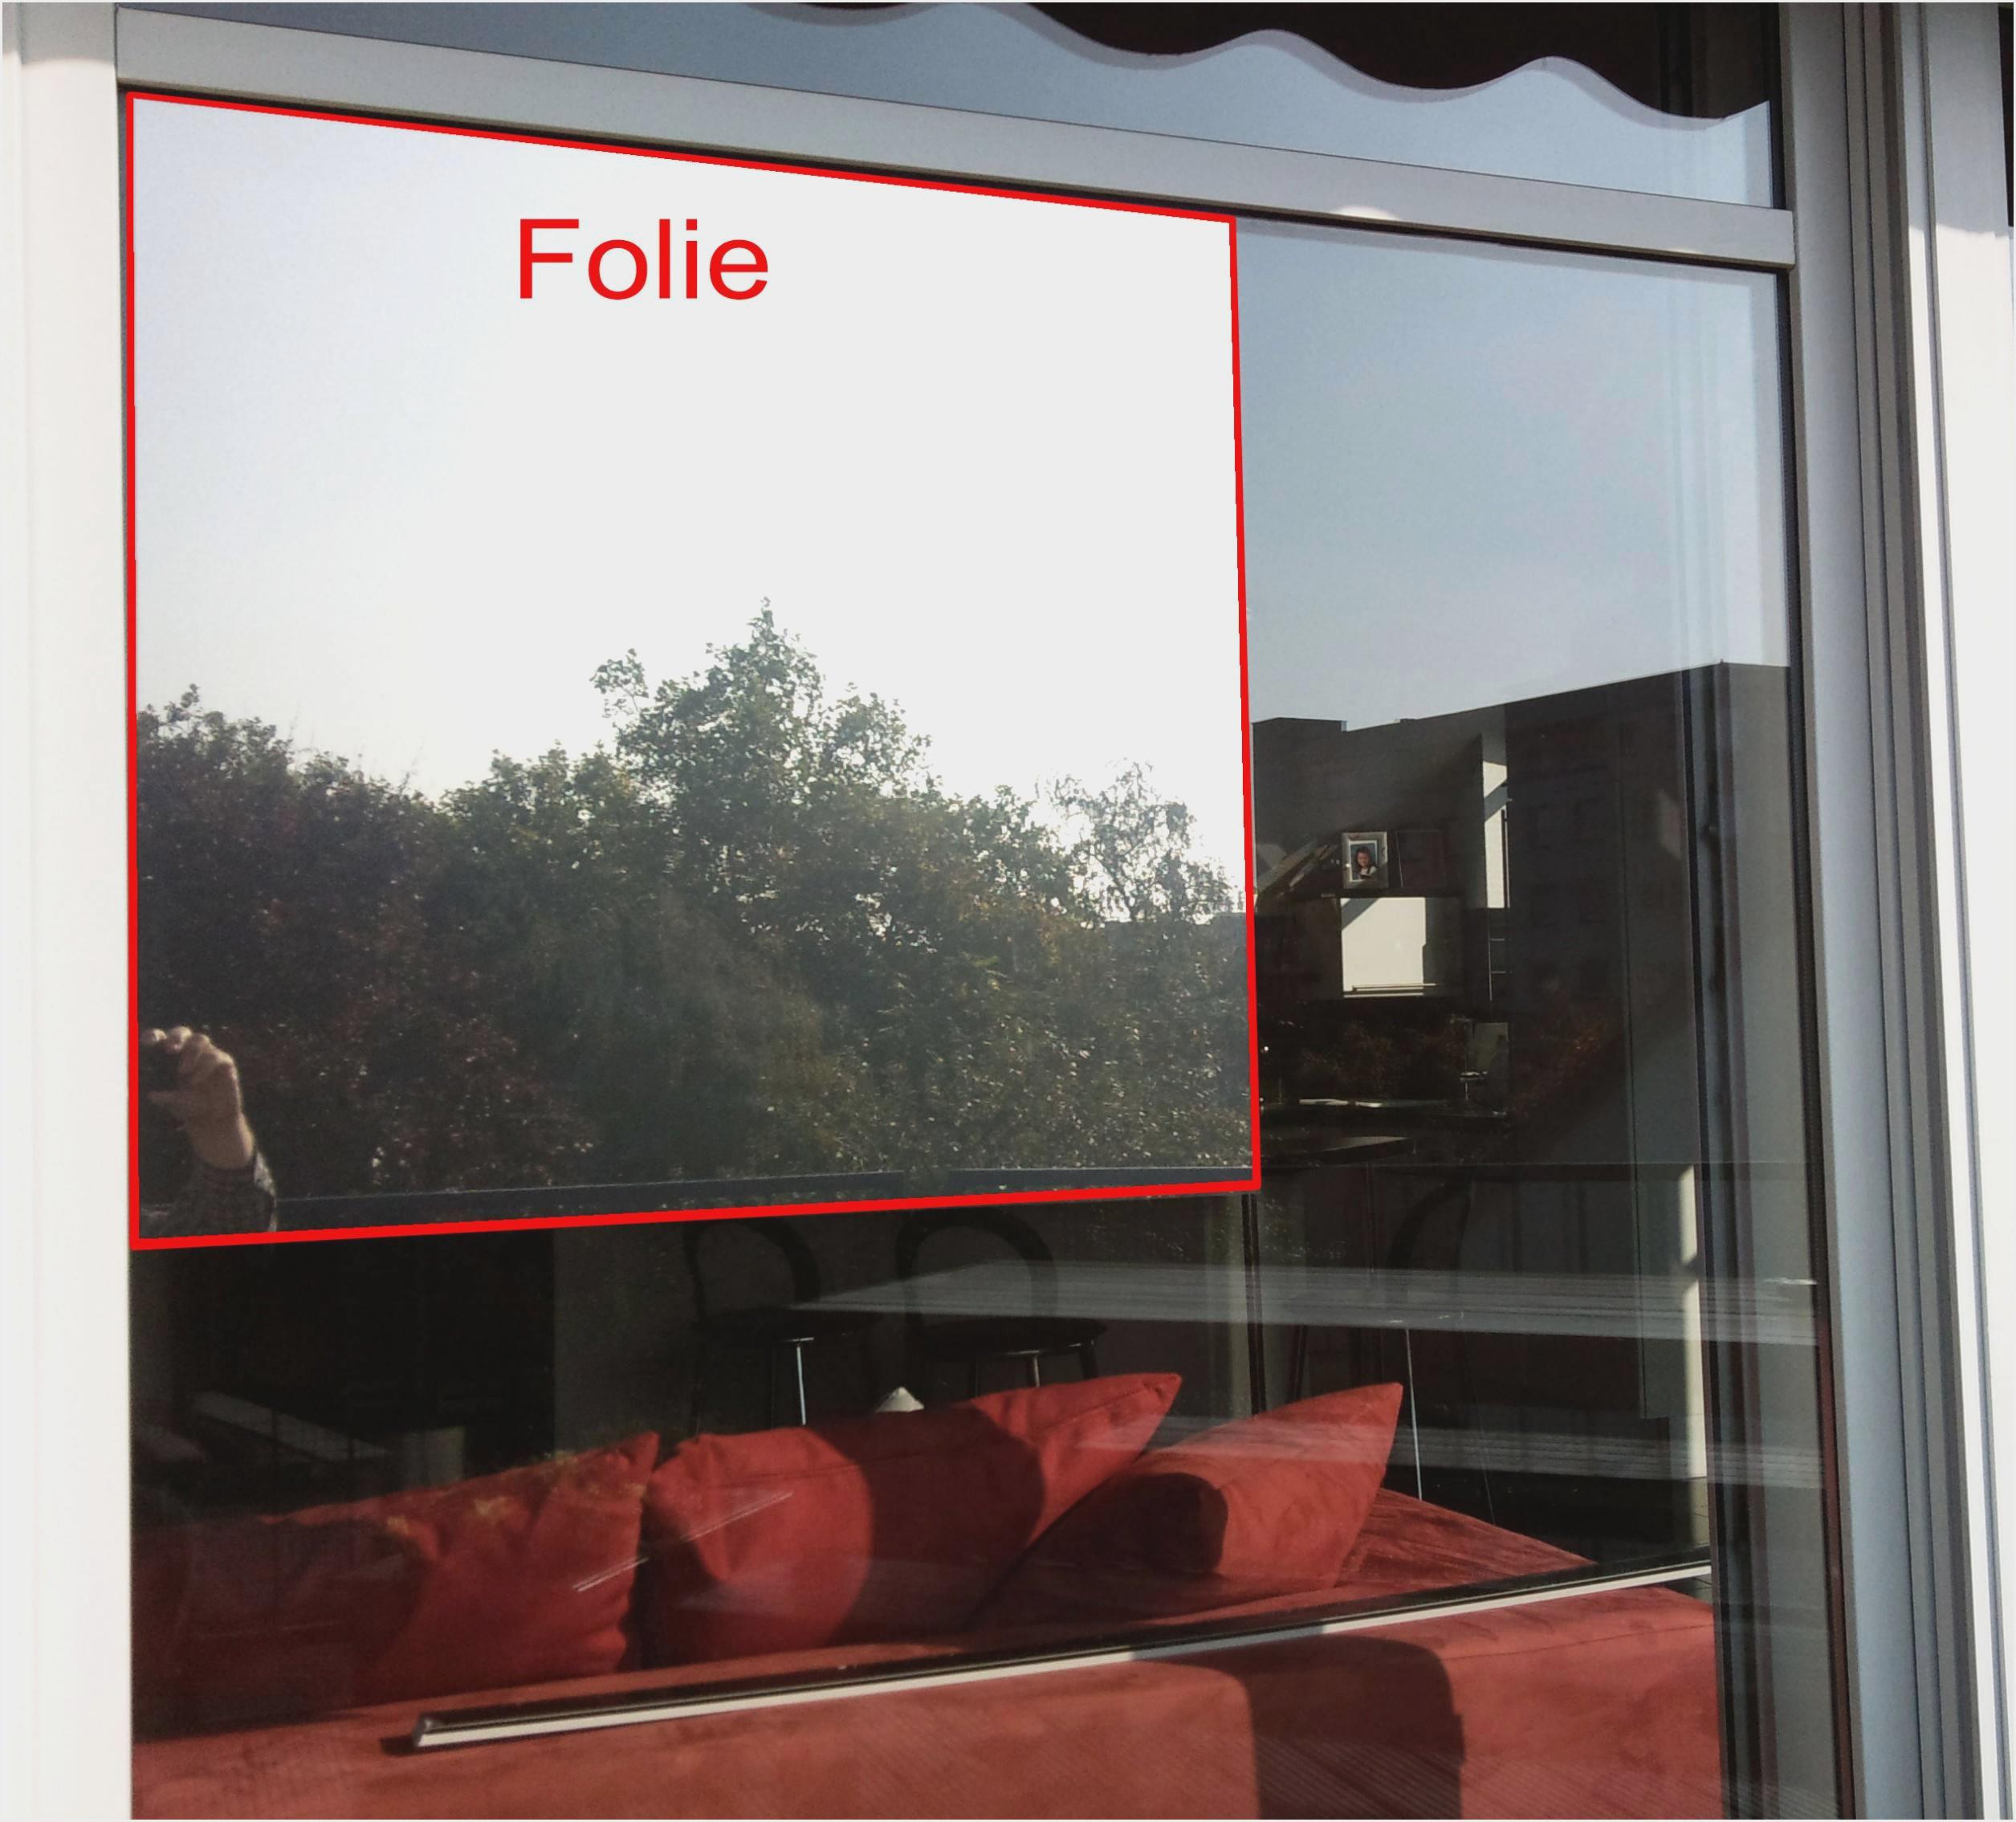 Full Size of Klebefolie Für Fenster Badezimmer Folie Trocal Fliesen Küche Reinigen Jemako Insektenschutzrollo Dreifachverglasung Einbau Stuhl Schlafzimmer Fenster Klebefolie Für Fenster